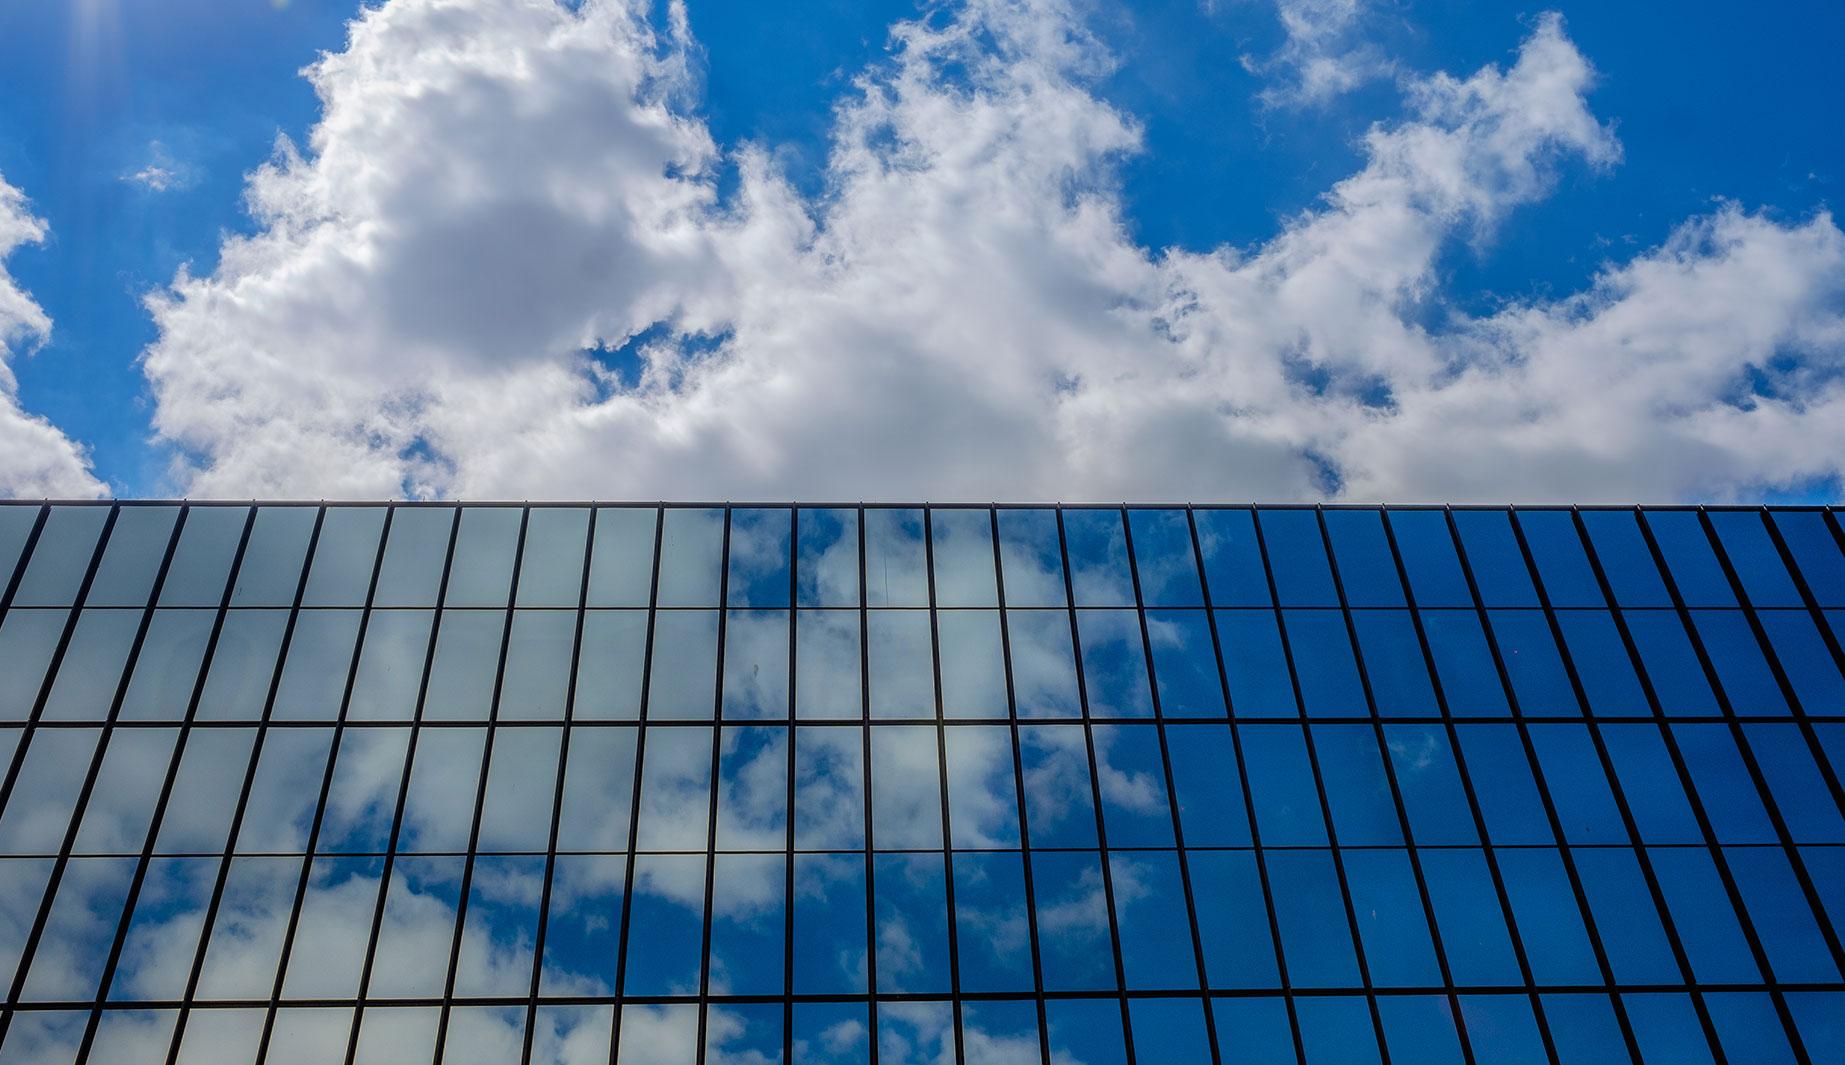 Full Size of Sicherheitsfolie Fenster Test Alu Herne Einbruchschutzfolie Online Konfigurieren Fototapete Schallschutz Sichtschutzfolie Sonnenschutz Ebay Tauschen Gitter Fenster Sicherheitsfolie Fenster Test